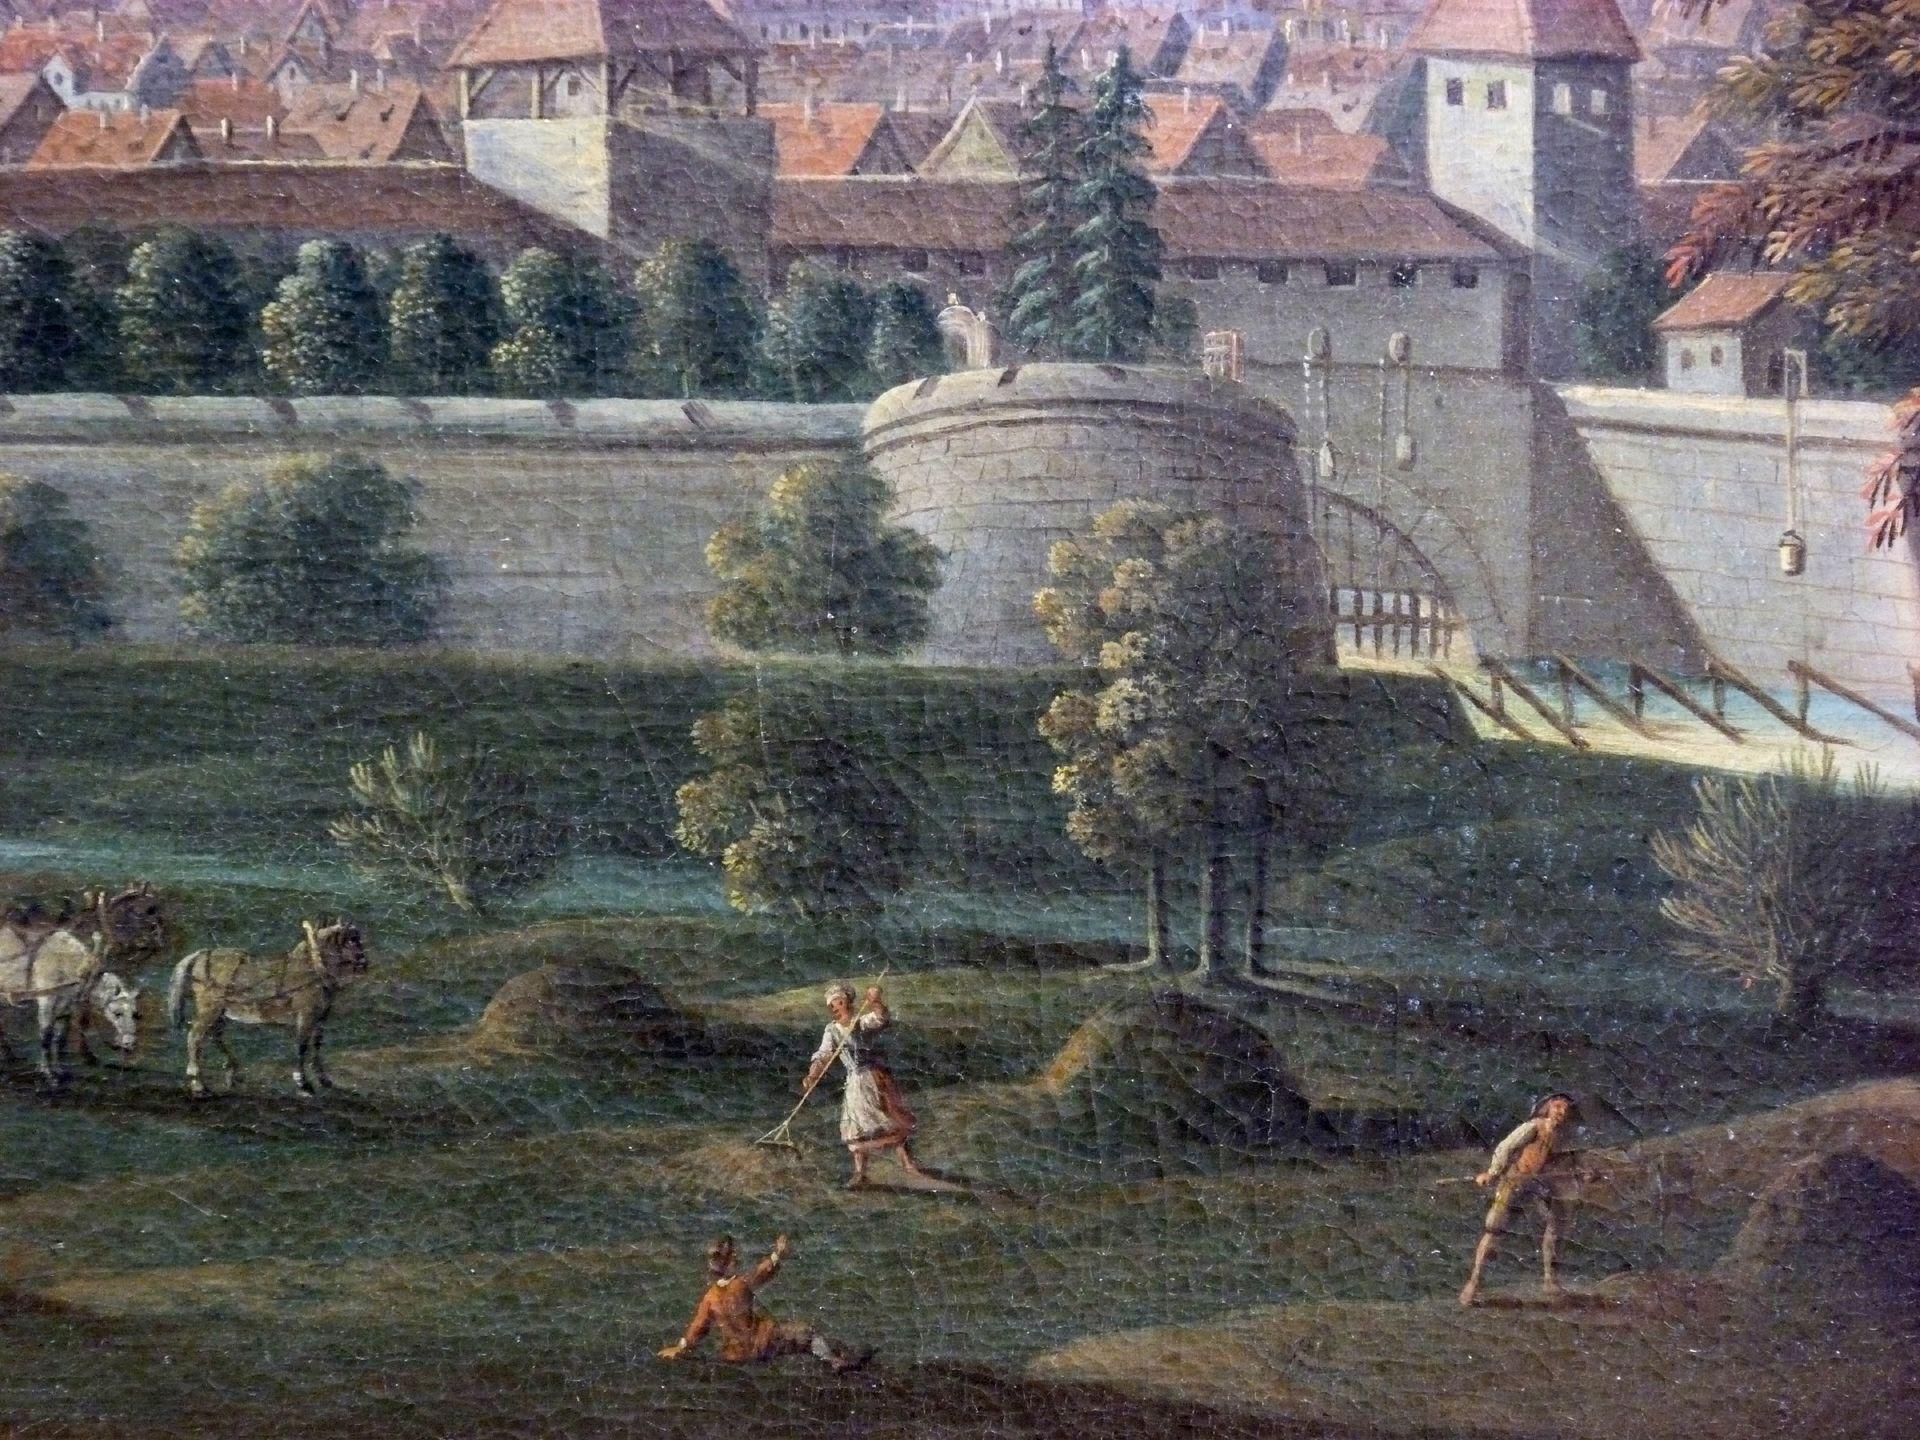 Nürnberger Stadtansicht von Osten Detail mit Wöhrder Wiese, Zwinger vor der Insel Schütt und Zufluss der Pegnitz in die Stadt